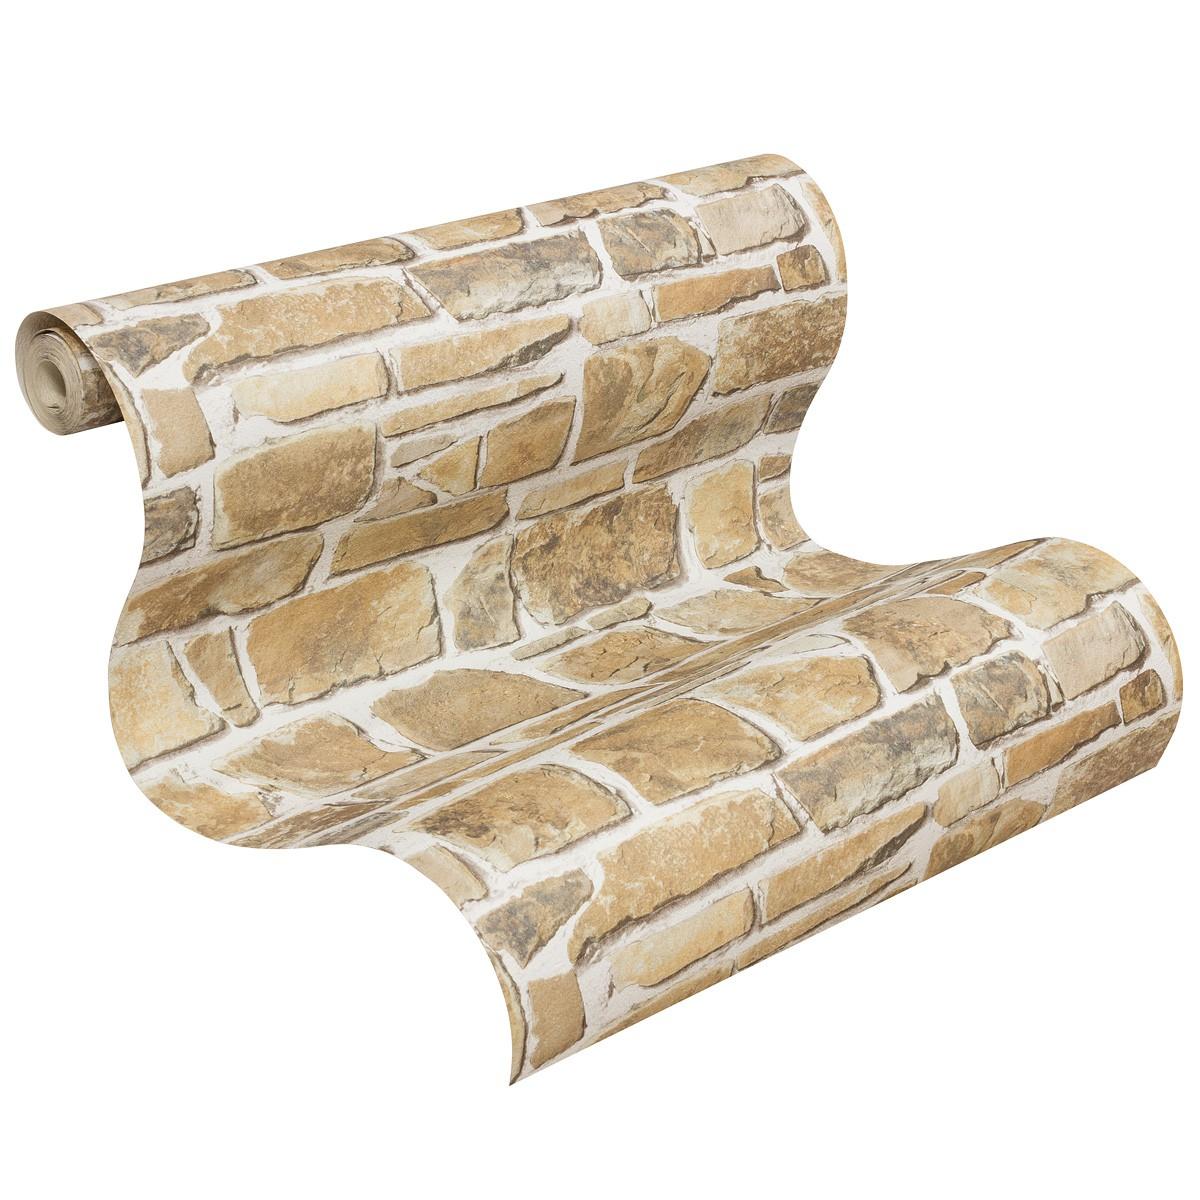 stone wallpaper rasch 265606 new